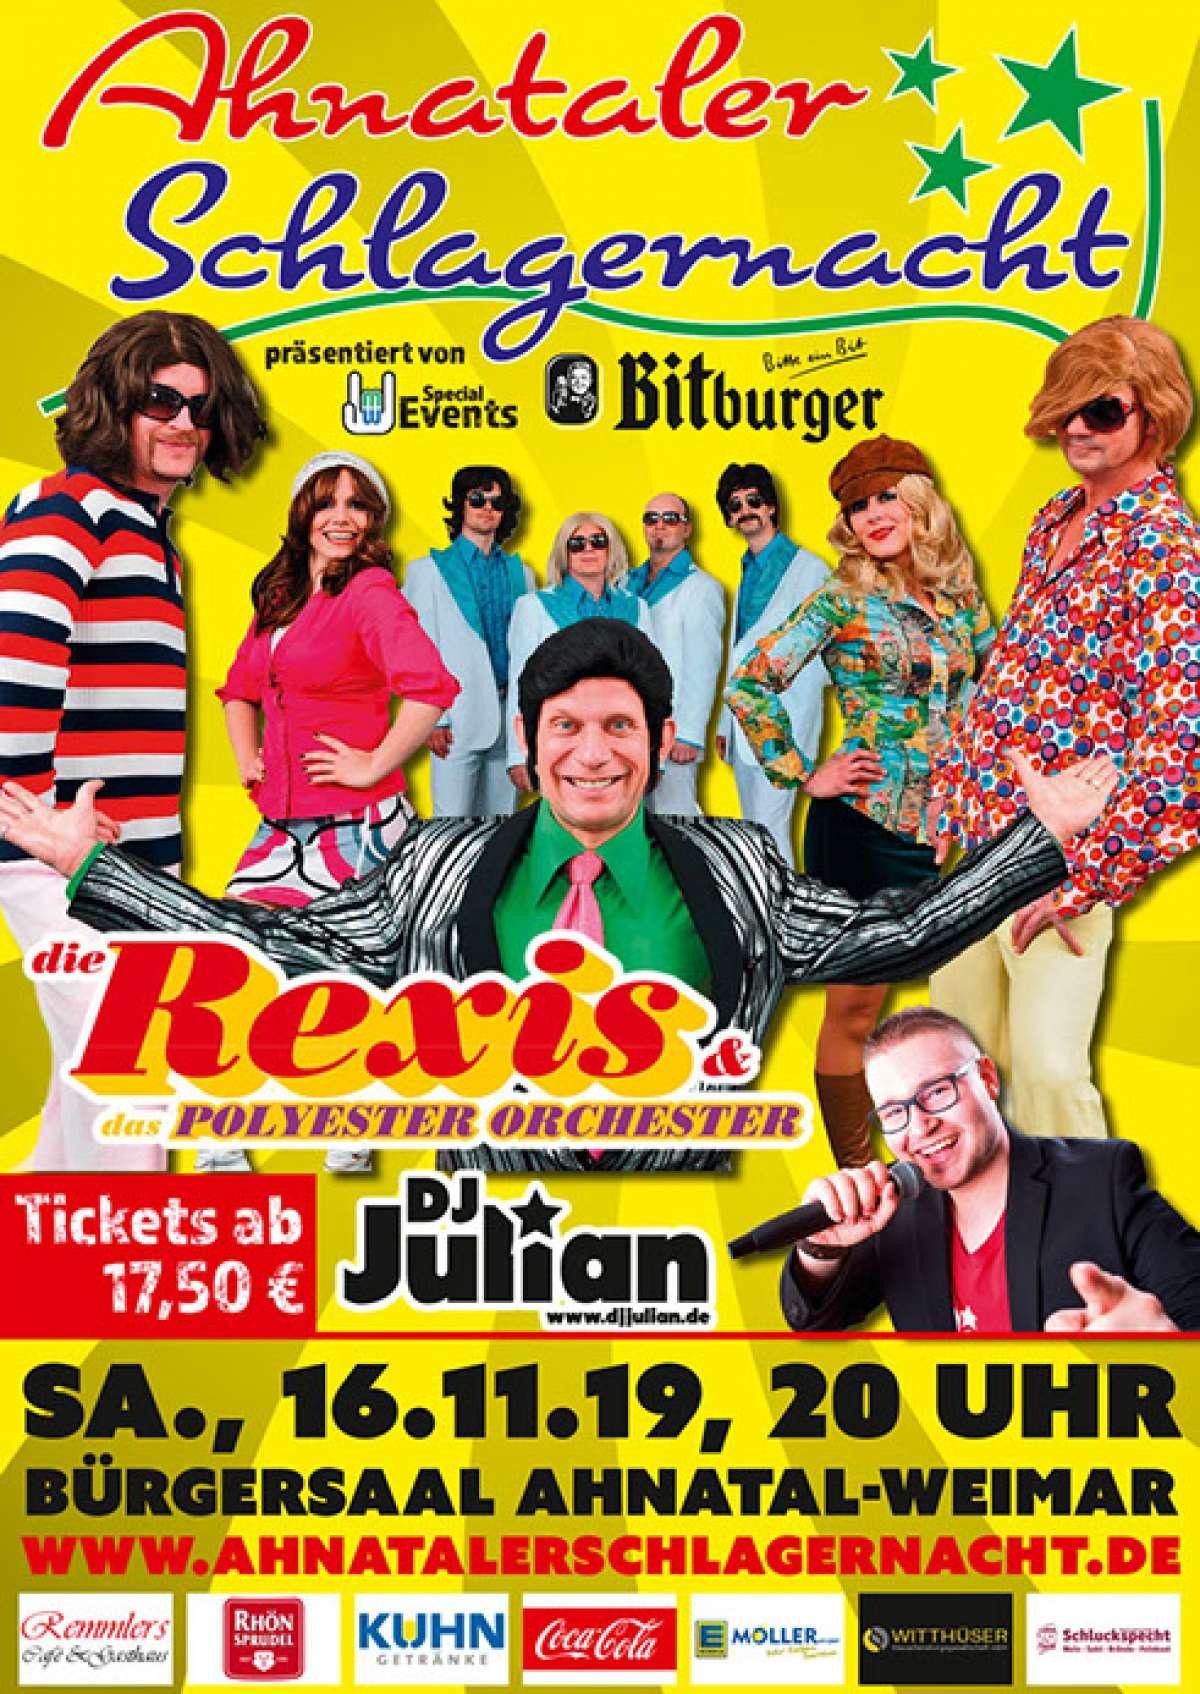 Veranstaltungen & Events in Ahnatal-Weimar